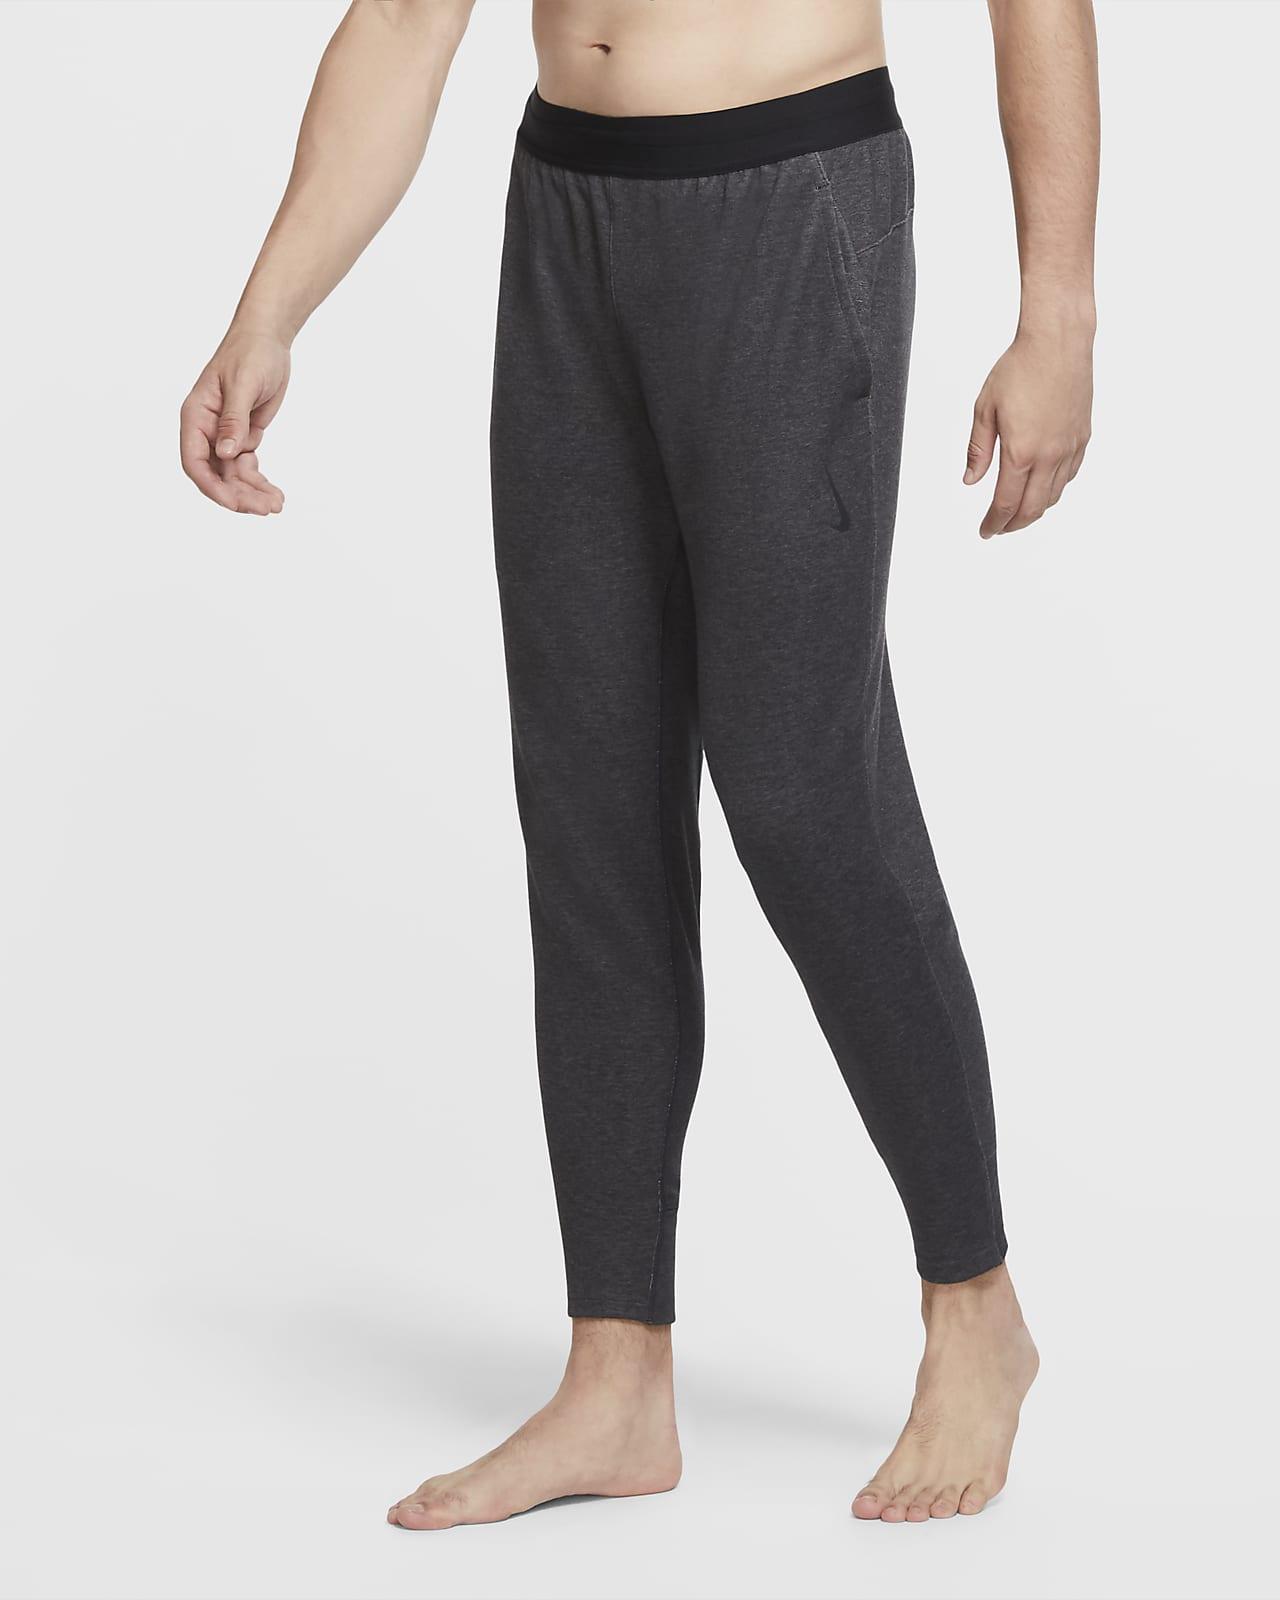 Nike Yoga Men's Trousers